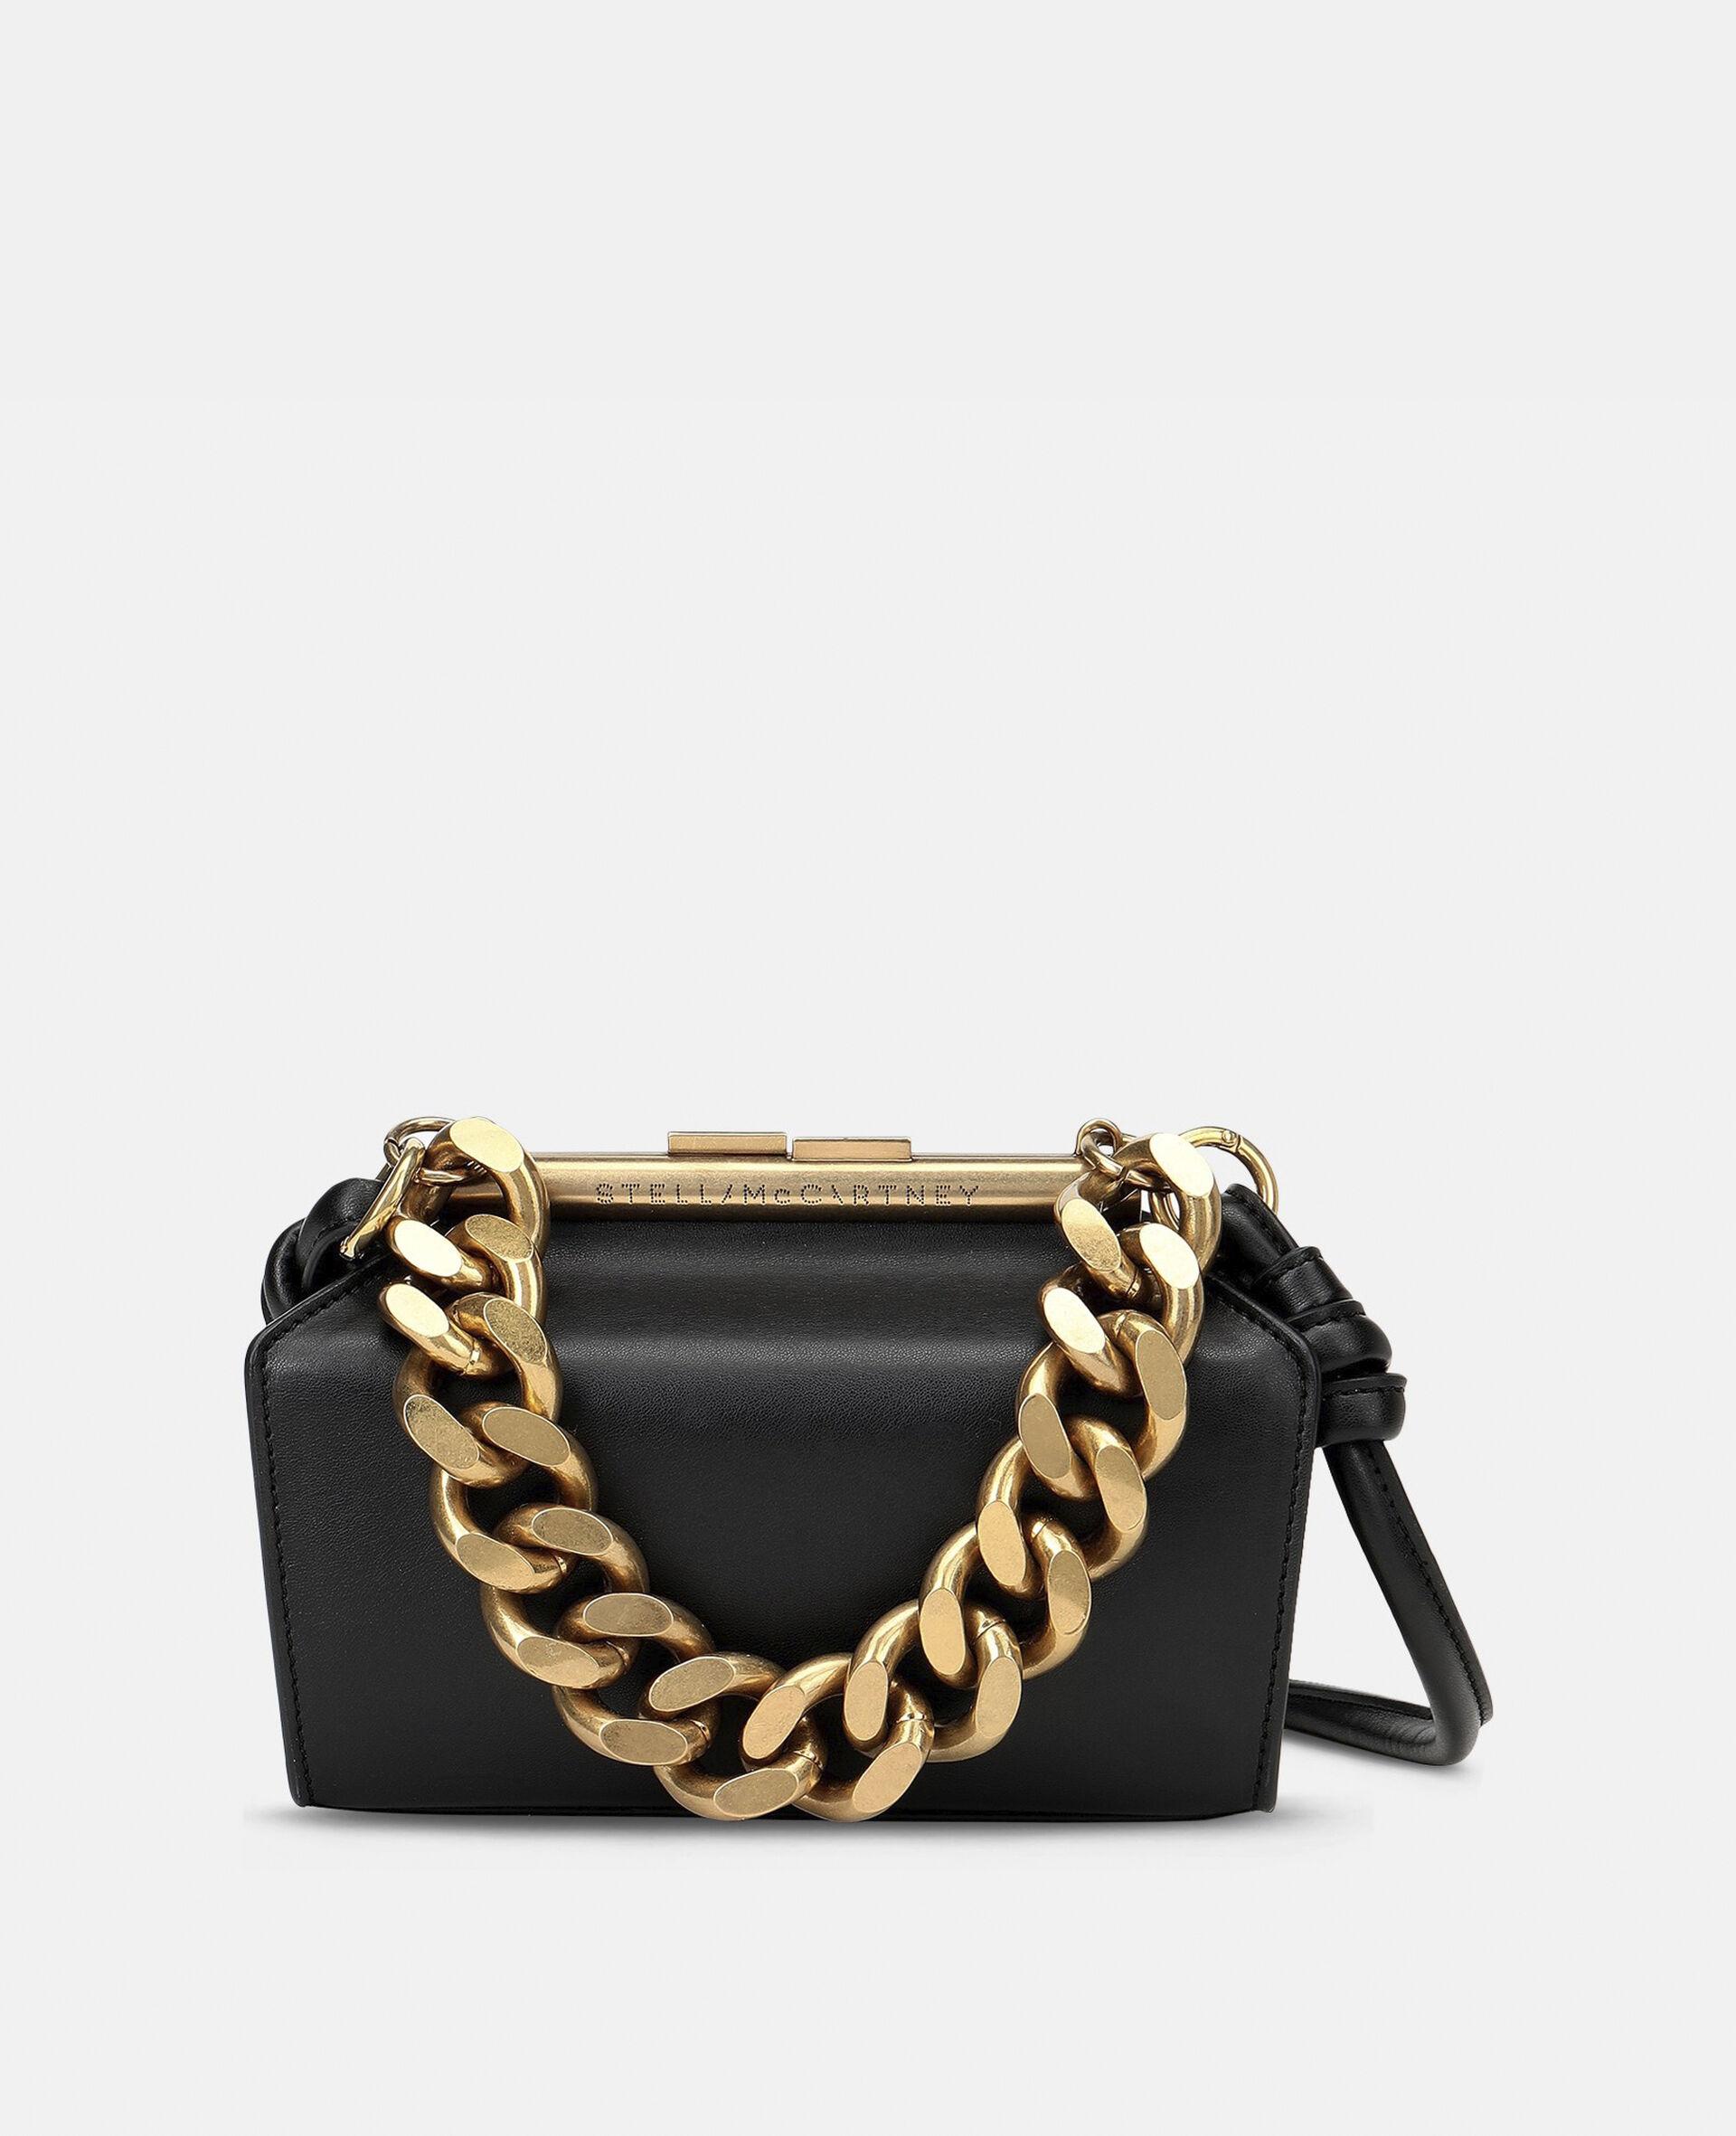 Petit sac avec bandoulière chaîne épaisse-Noir-large image number 0